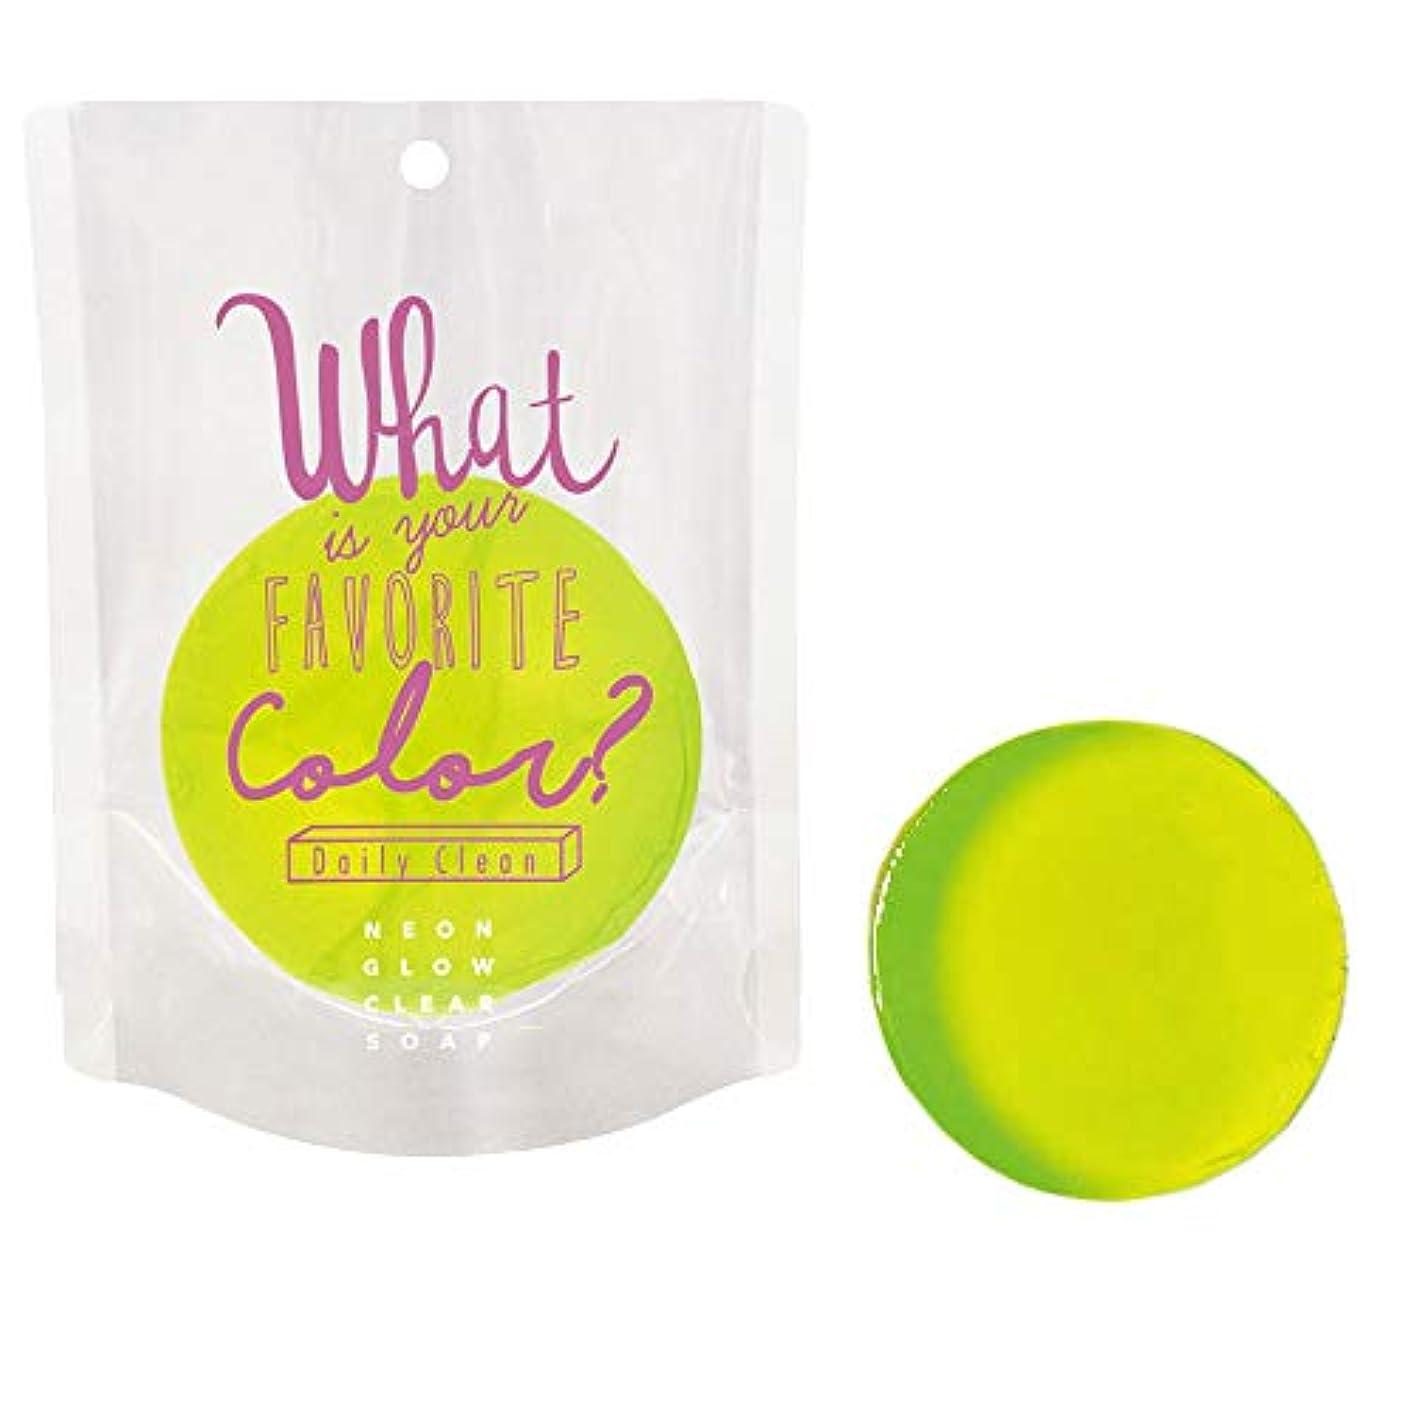 ブリーフケース禁輸背景ネオングロークリアソープ ob-ngw-2-1-4(02/パパイヤ) Neon Glow Clear Soap 石鹸 ノルコーポレーション 固形 せっけん カラフル 香り 清潔 ギフト プレゼント